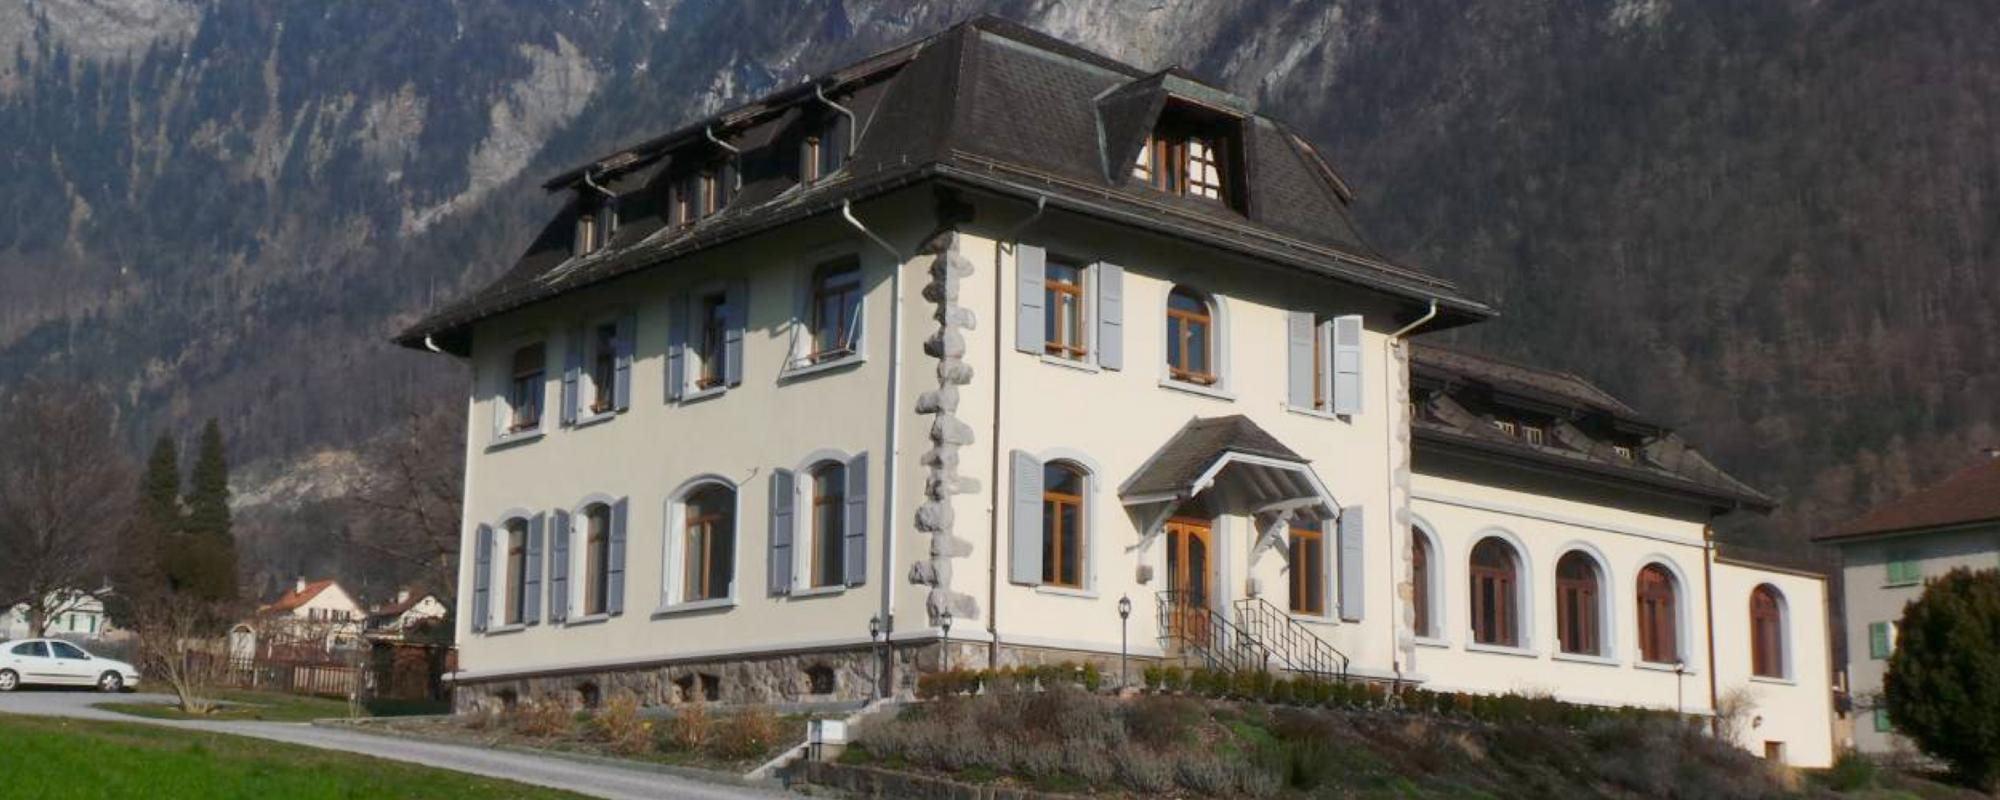 Immeuble locatif comprenant 12 chambres et diverses salles de cours, atelier et divers